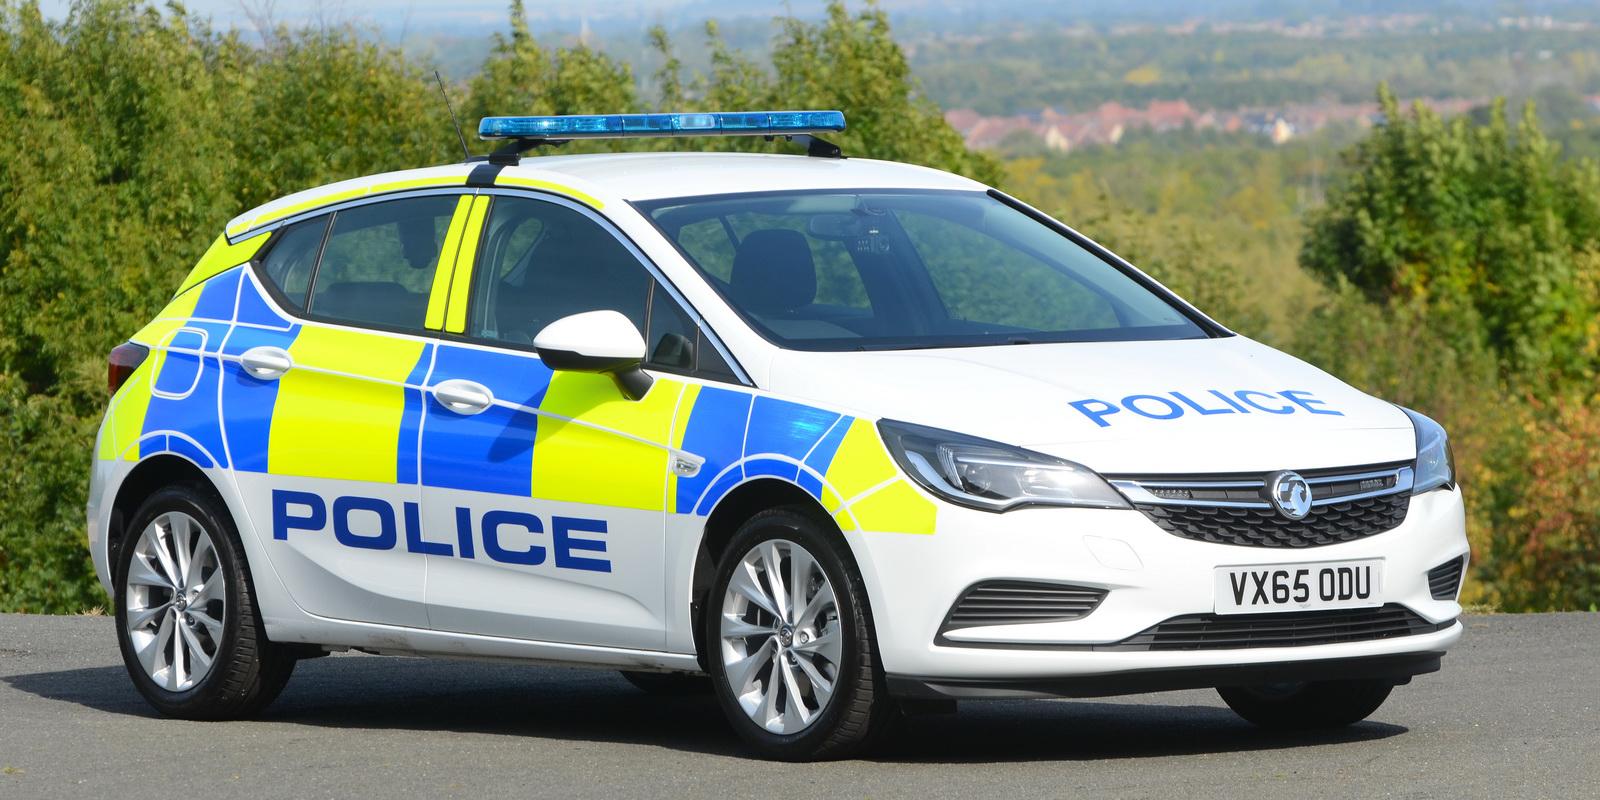 La policía británica renueva su flota con más de 2.000 Vauxhall: El nuevo Astra es la estrella